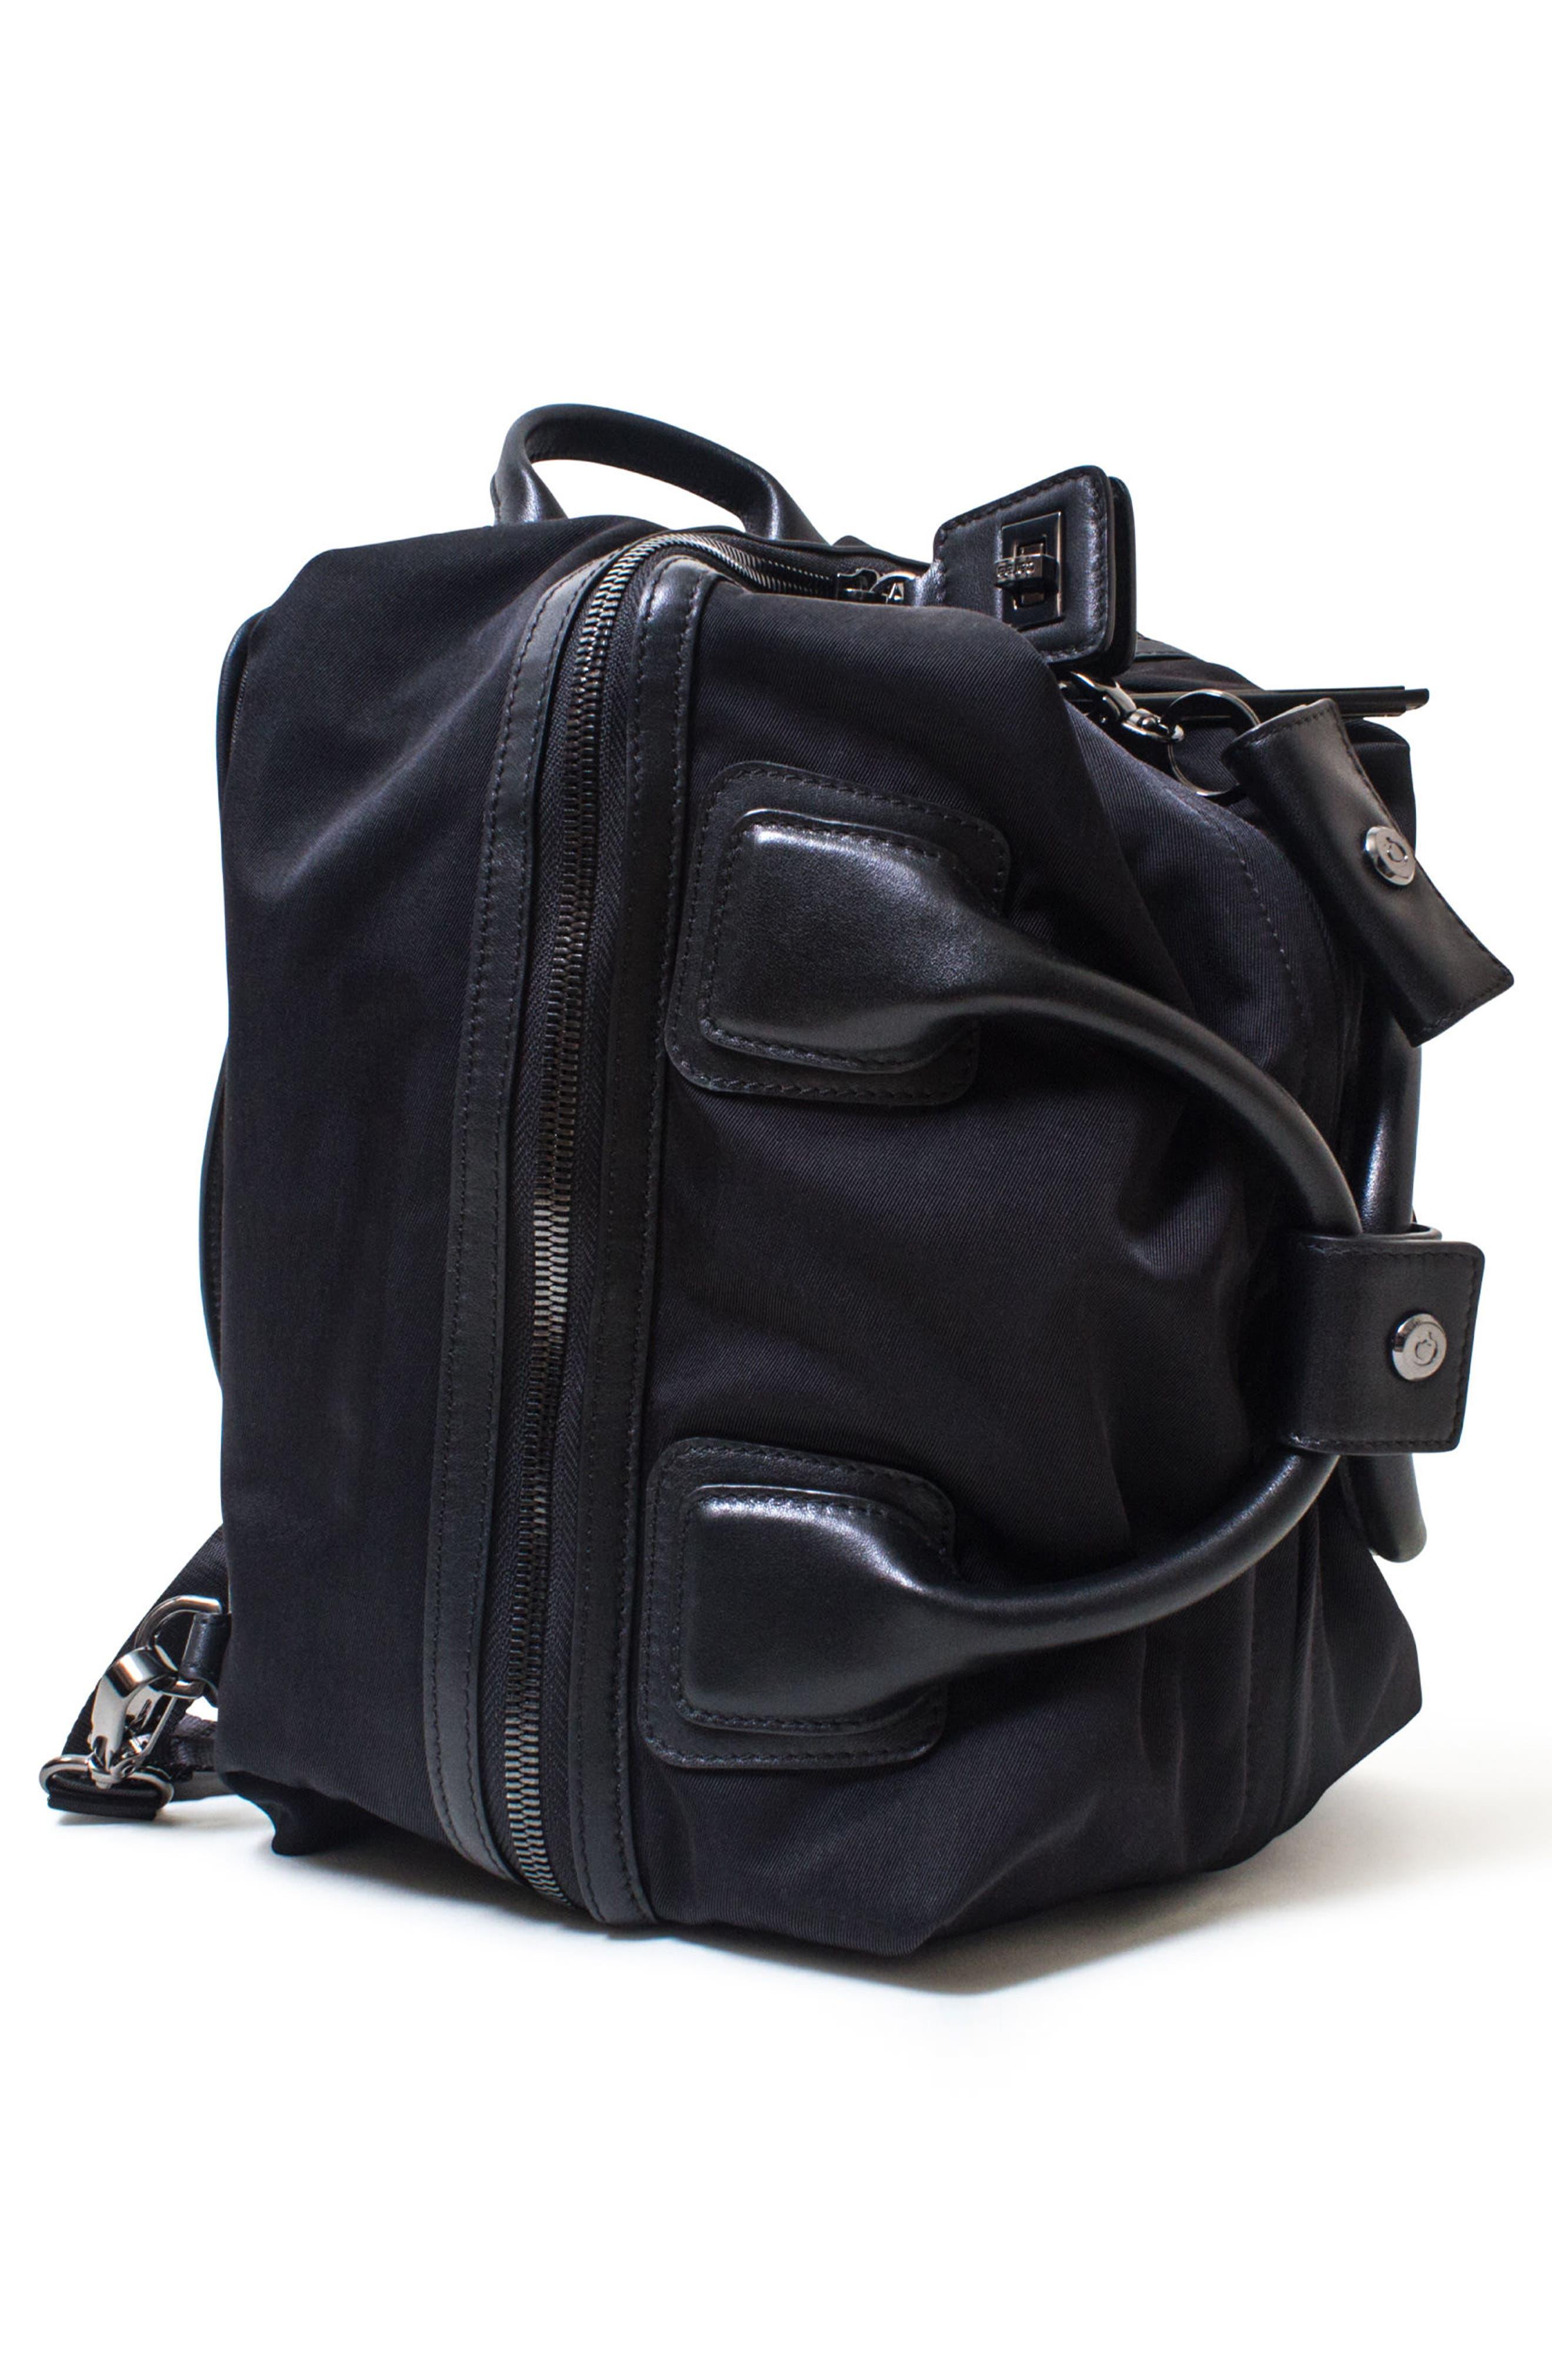 Studio Duffel Backpack,                             Alternate thumbnail 7, color,                             003